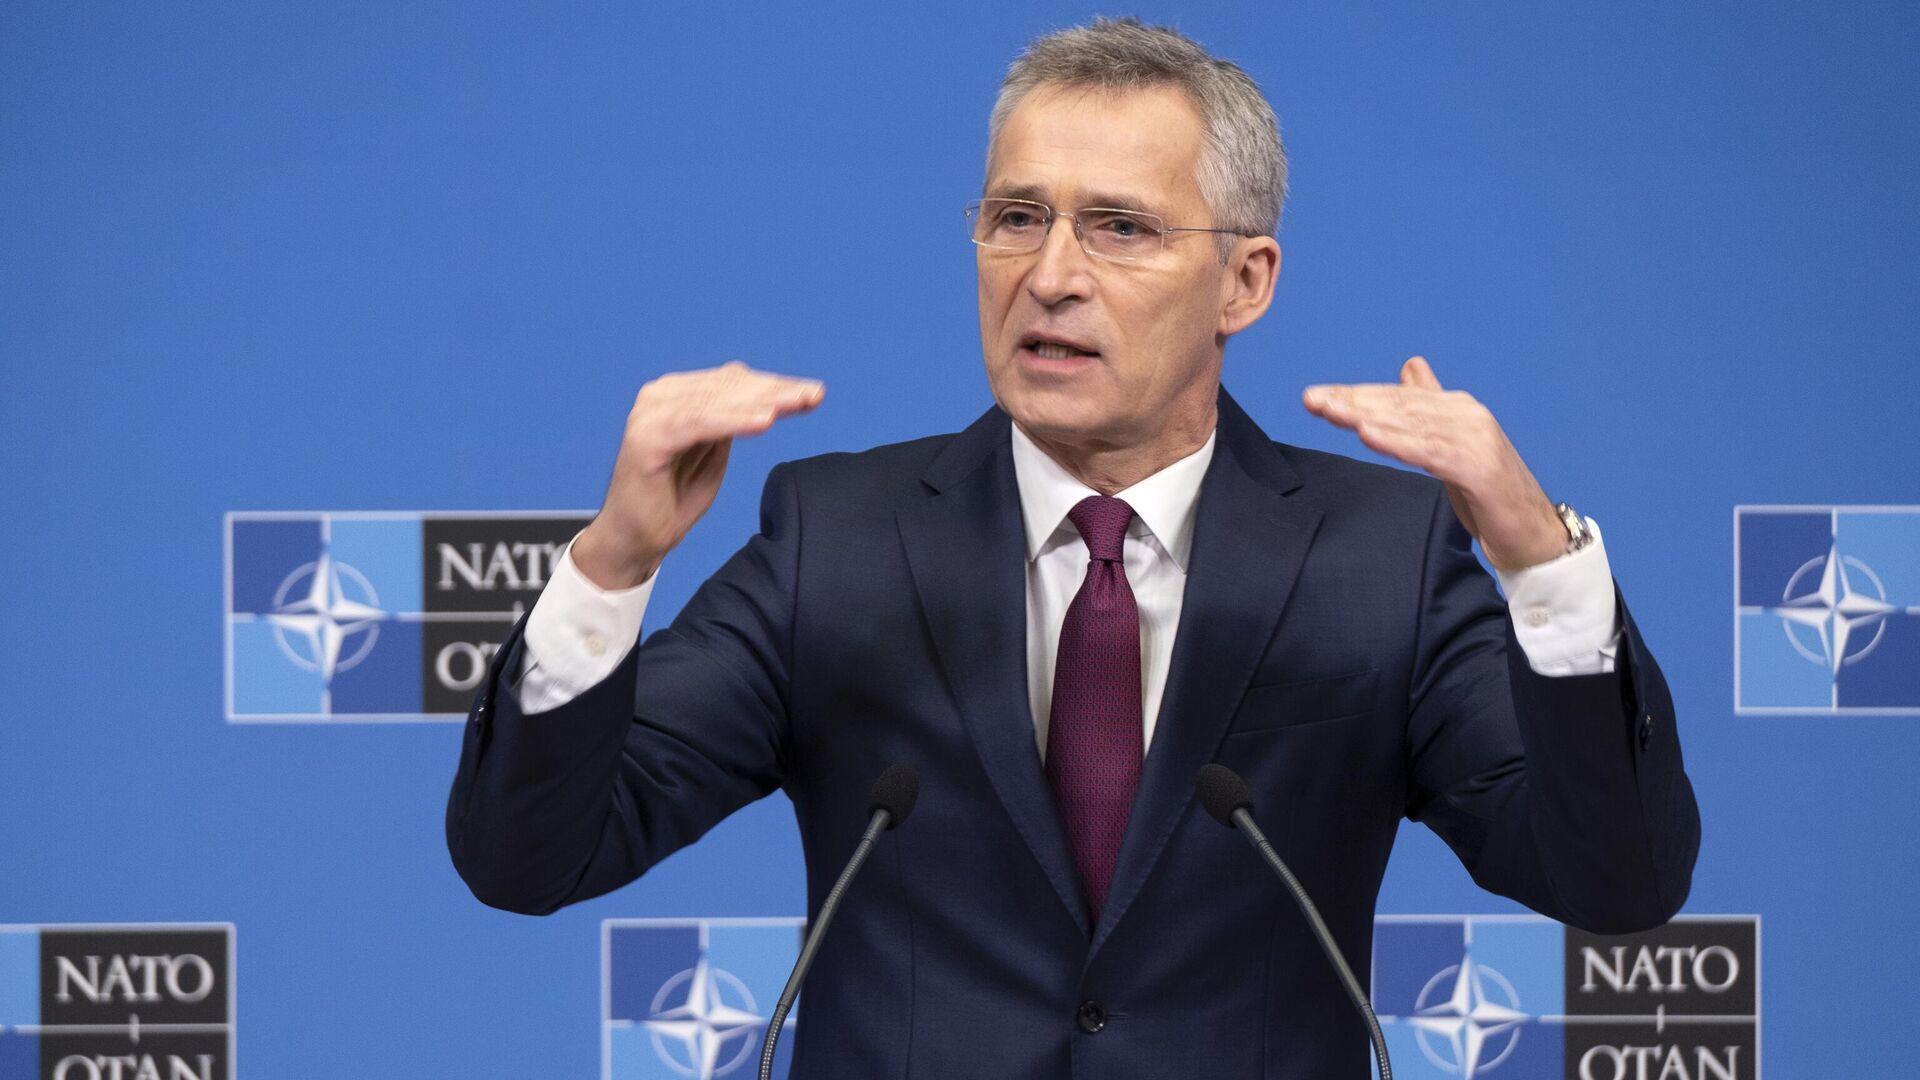 Генеральный секретарь НАТО Йенс Столтенберг во время пресс-конференции в Брюсселе - РИА Новости, 1920, 06.09.2021